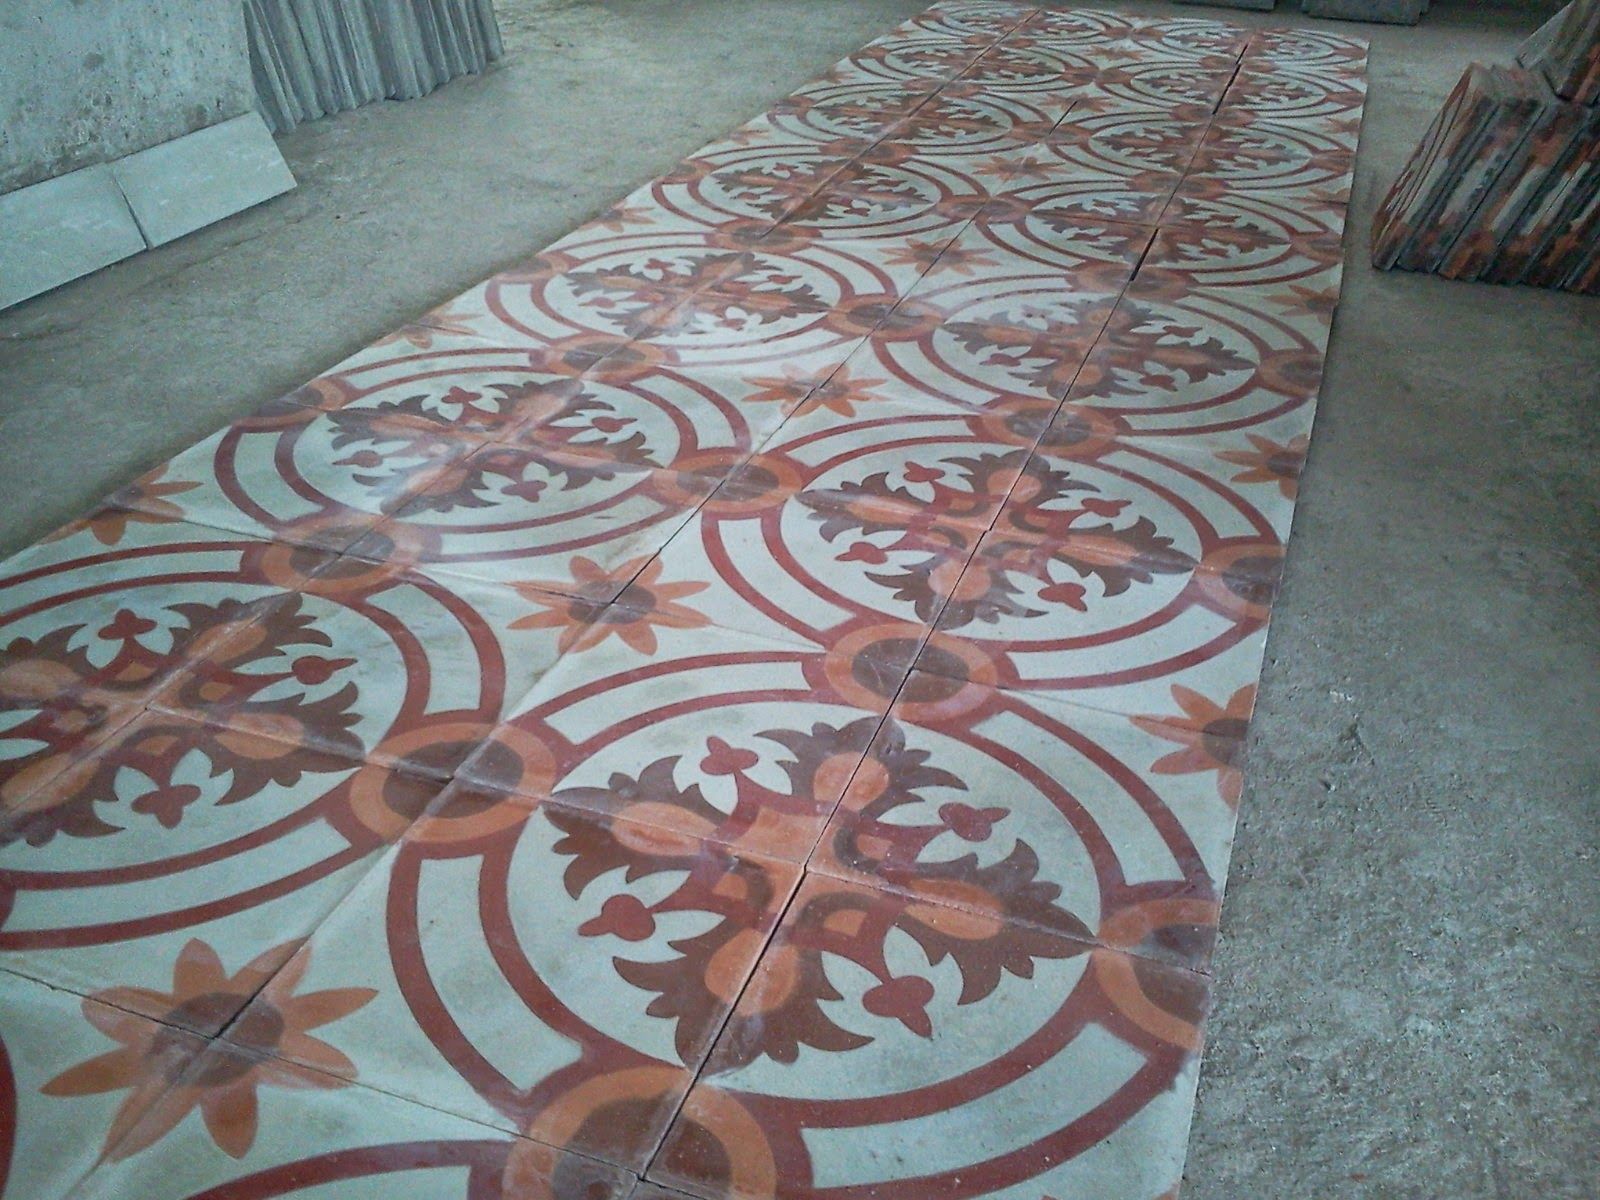 Pisos calc reos mosaicos calcareos a 4 colores para tucuman for Mosaicos para pisos precios